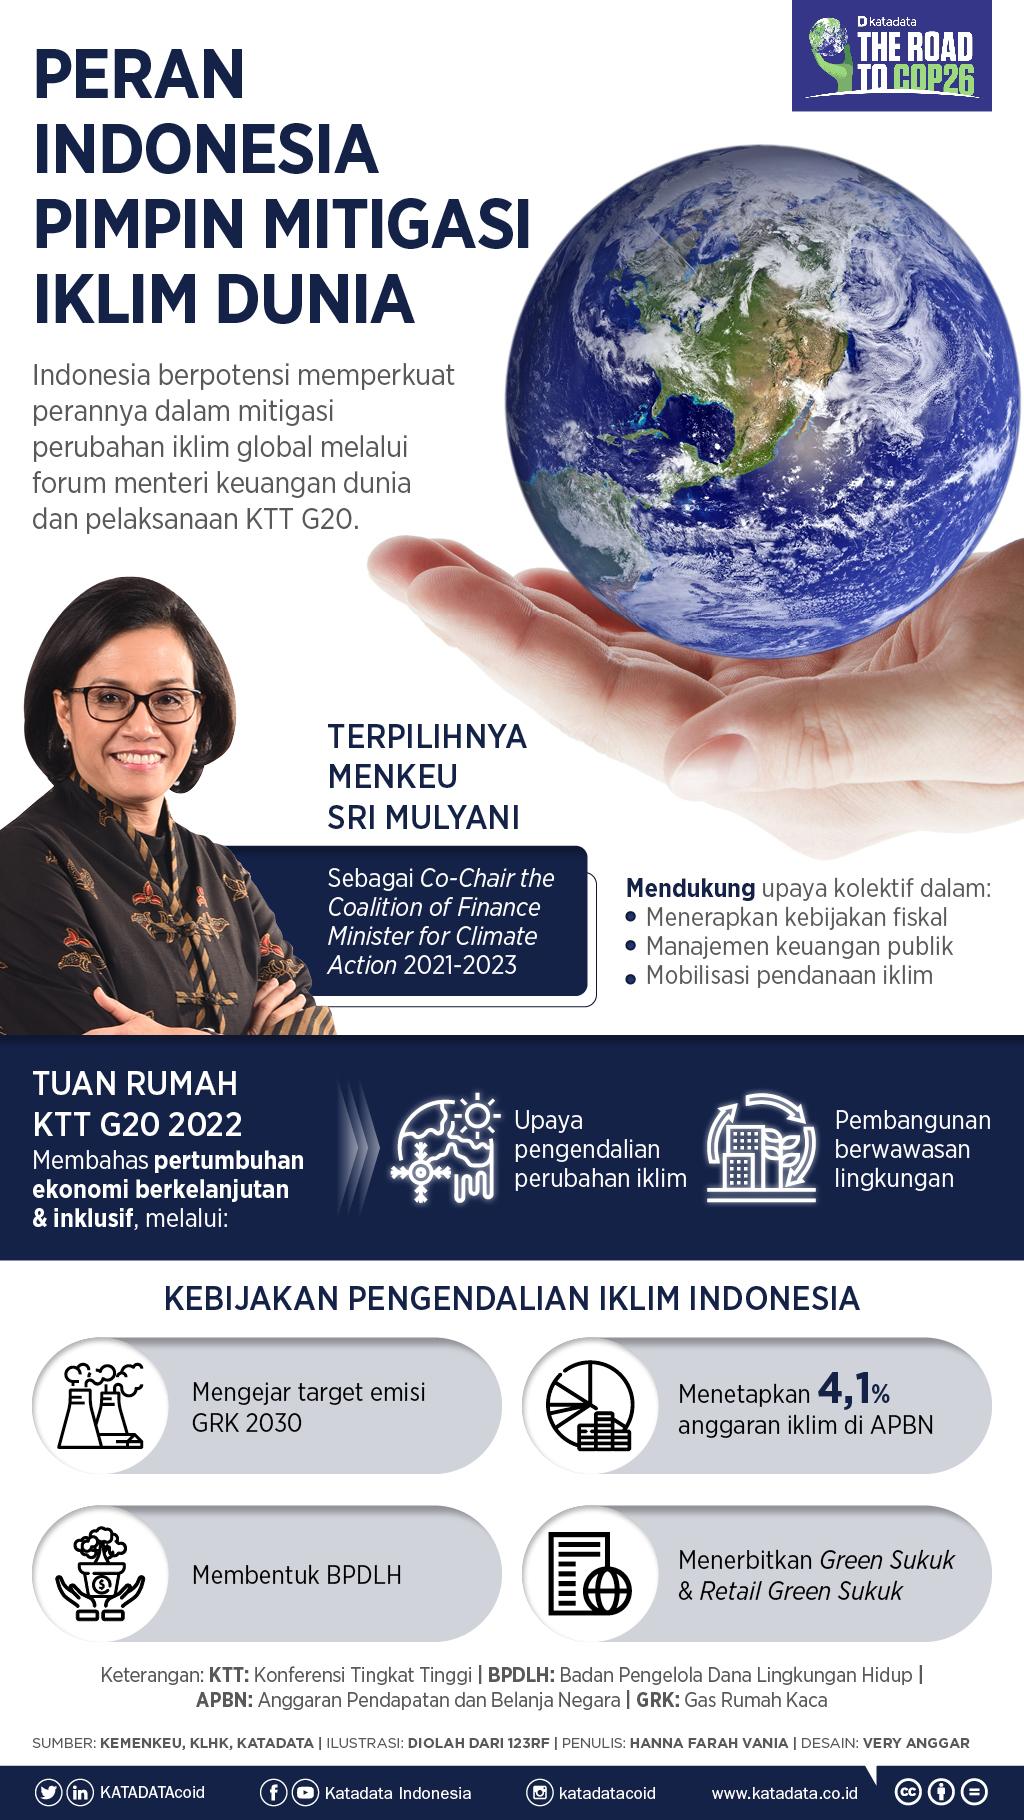 Infografik_Peran Indonesia Pimpin Mitigasi Iklim Dunia